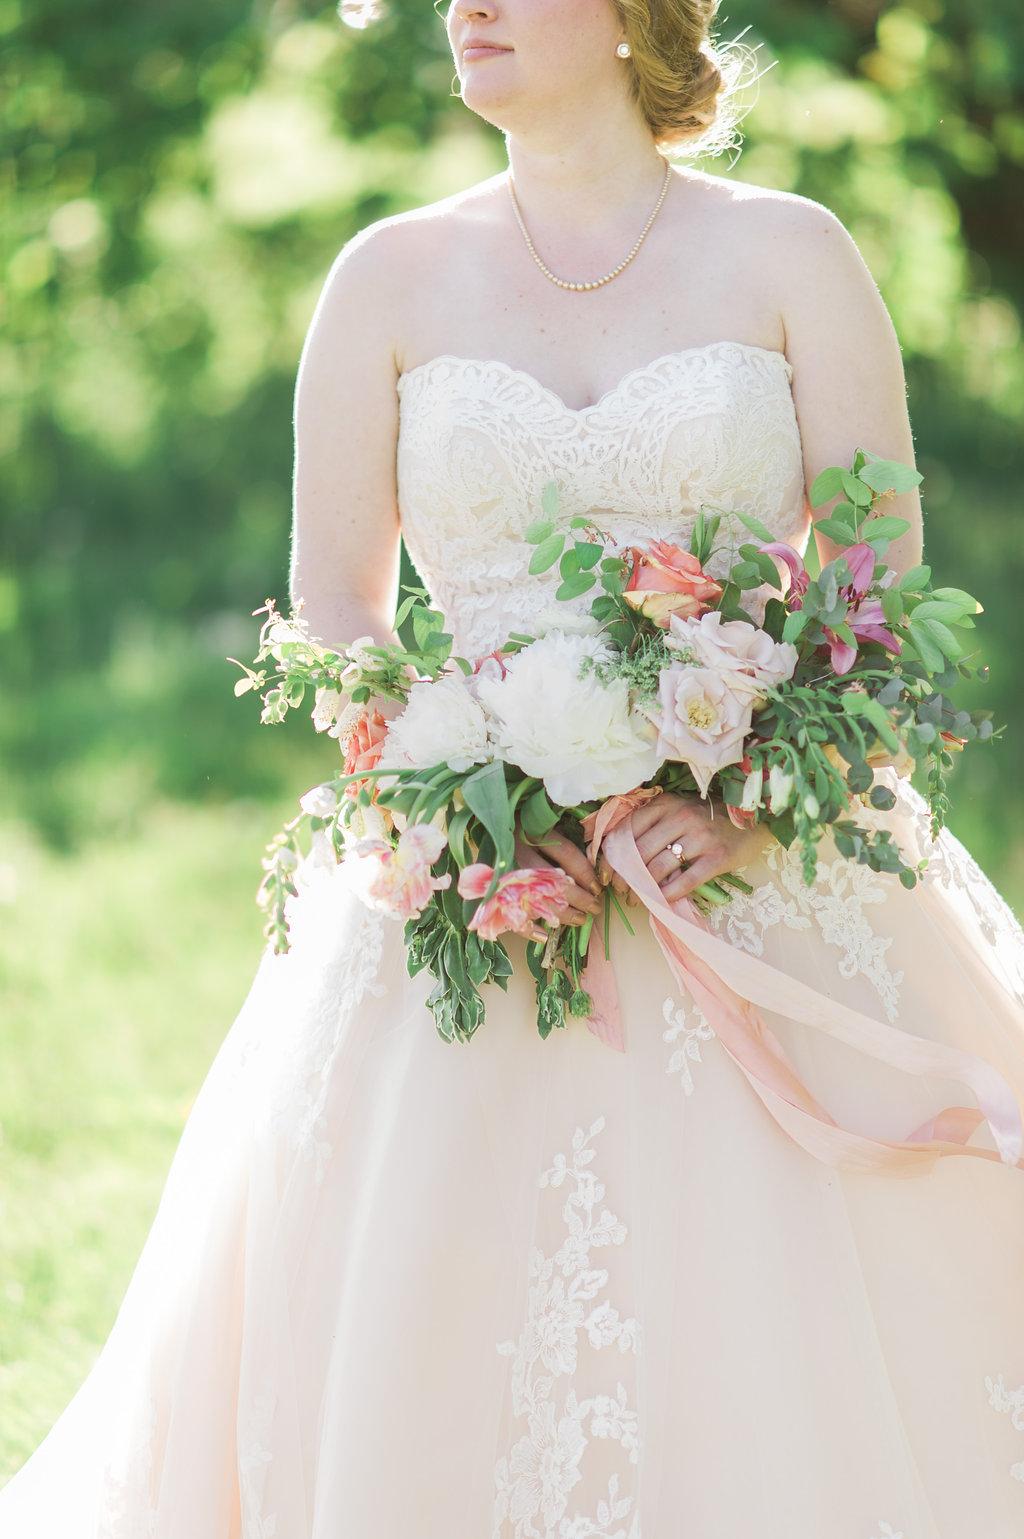 Peony & Foxglove Bouquet |  Kelly Sweet Photography | Instagram: @kellysweetphoto